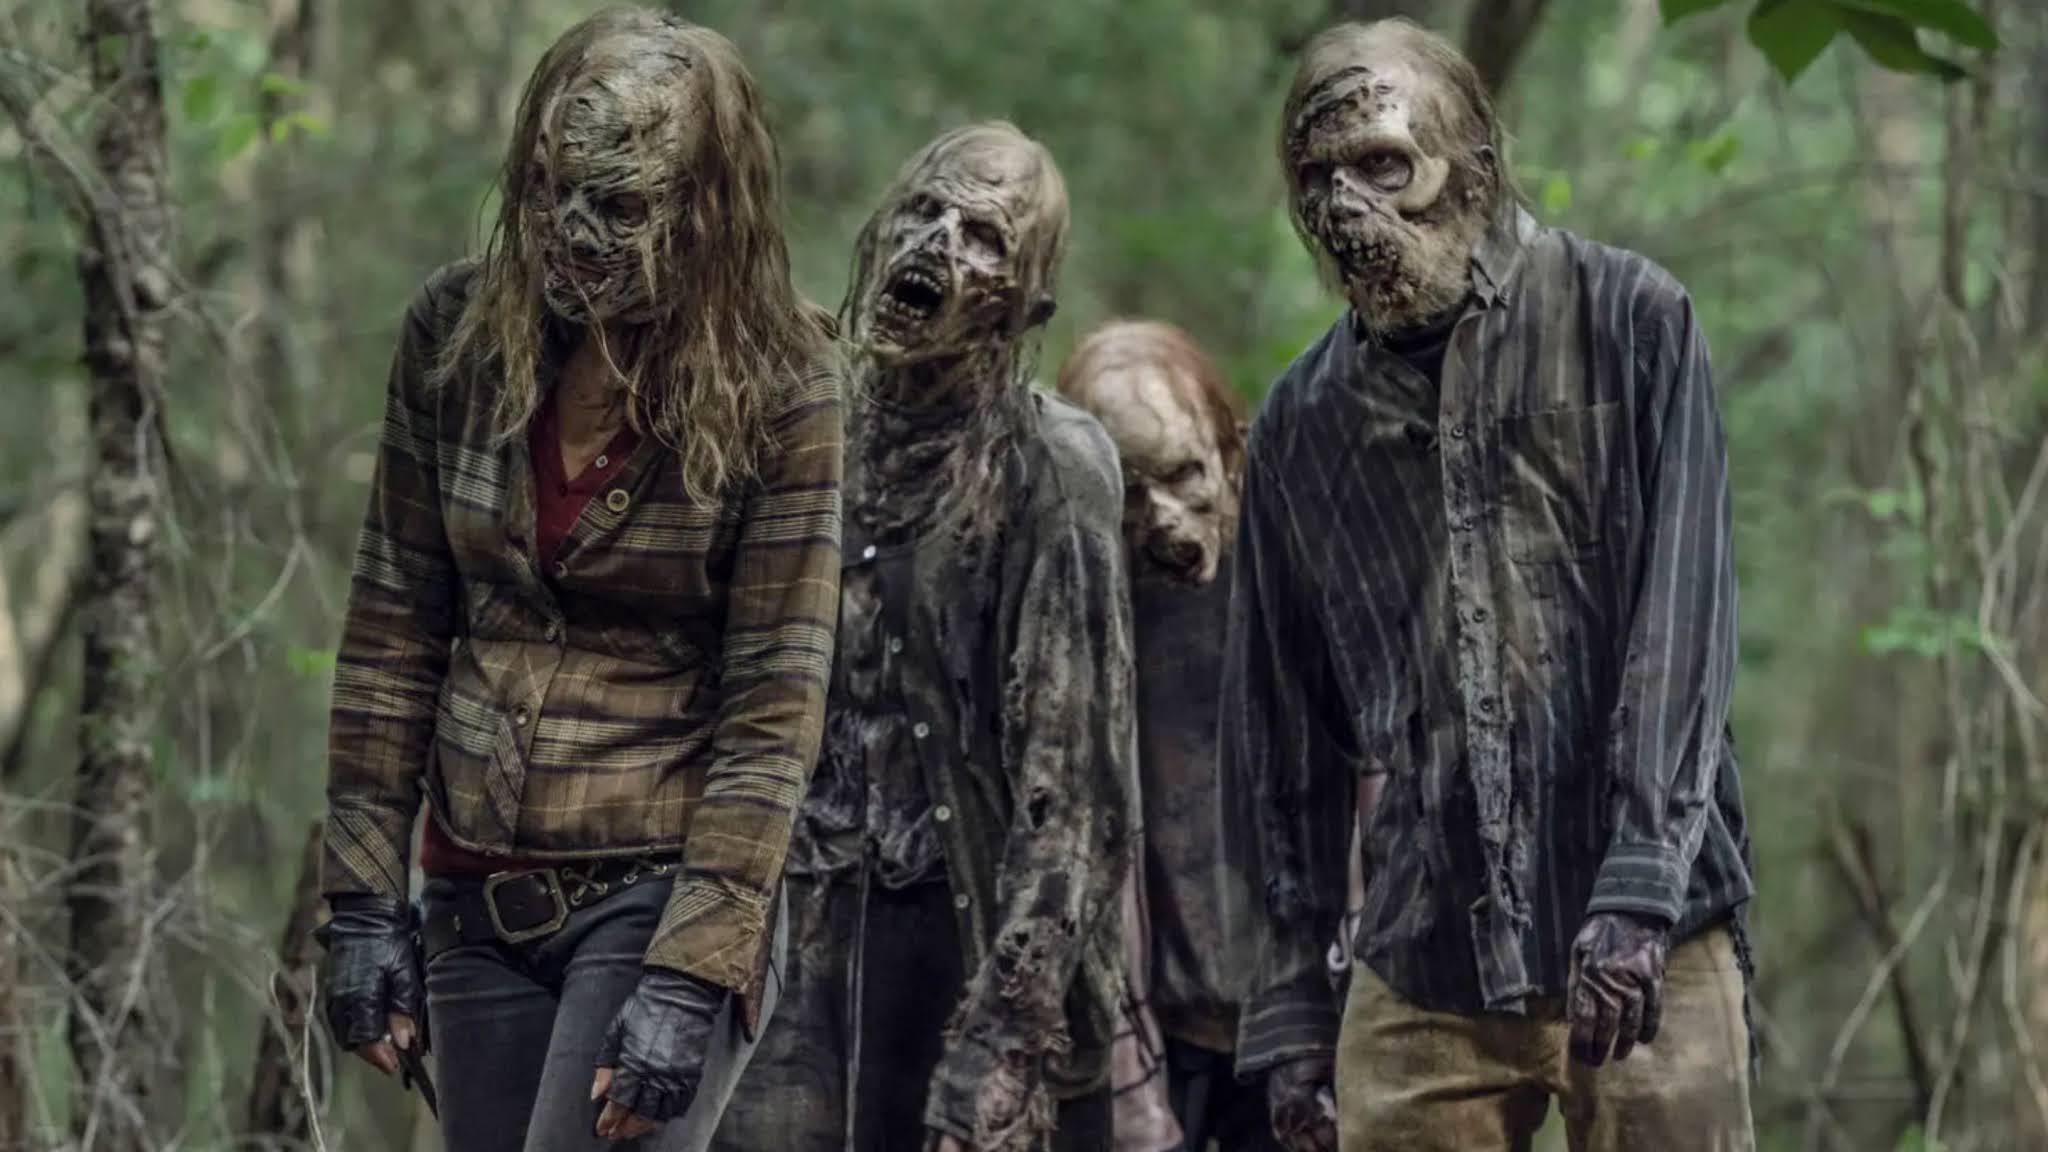 Maggie en la academia zombie de Negan en el 11x07 de The Walking Dead